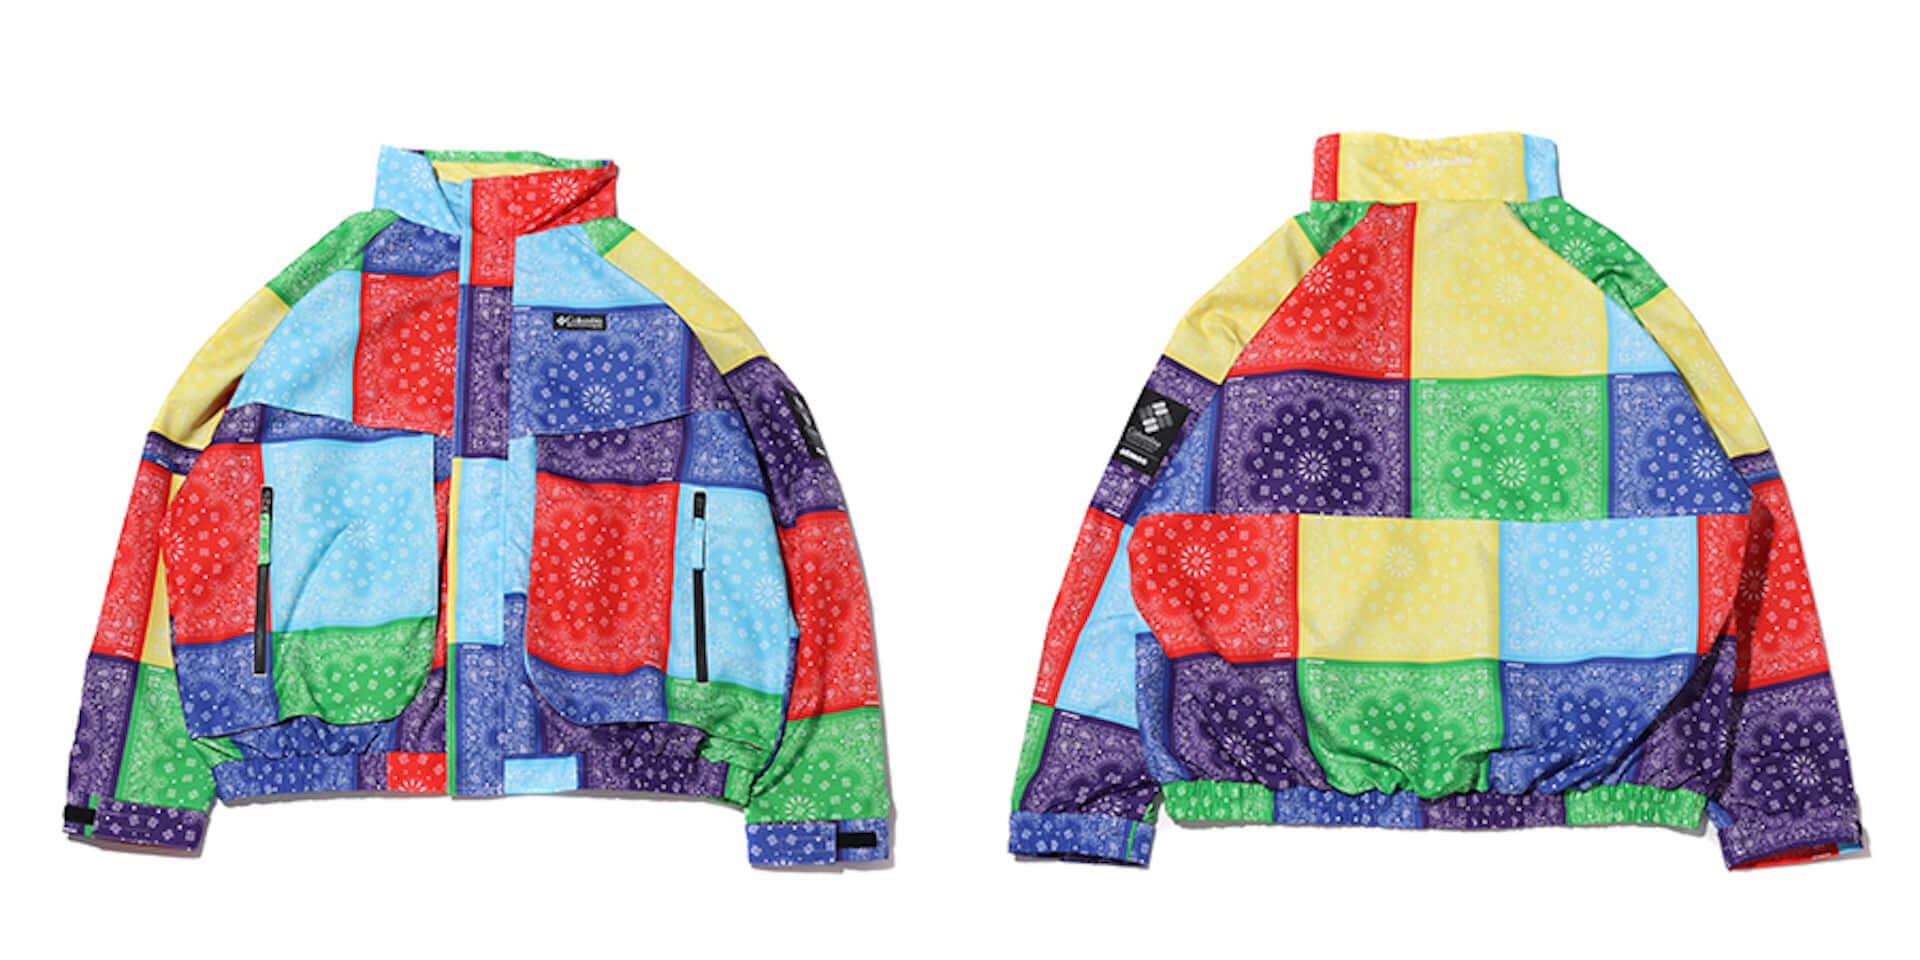 Columbiaとatmosによる2021年春夏コラボアイテムが発売!バンダナ柄BE@RBRICKをデザインしたTシャツなど多数展開 lf210304_columbia-atmos_2-1920x960